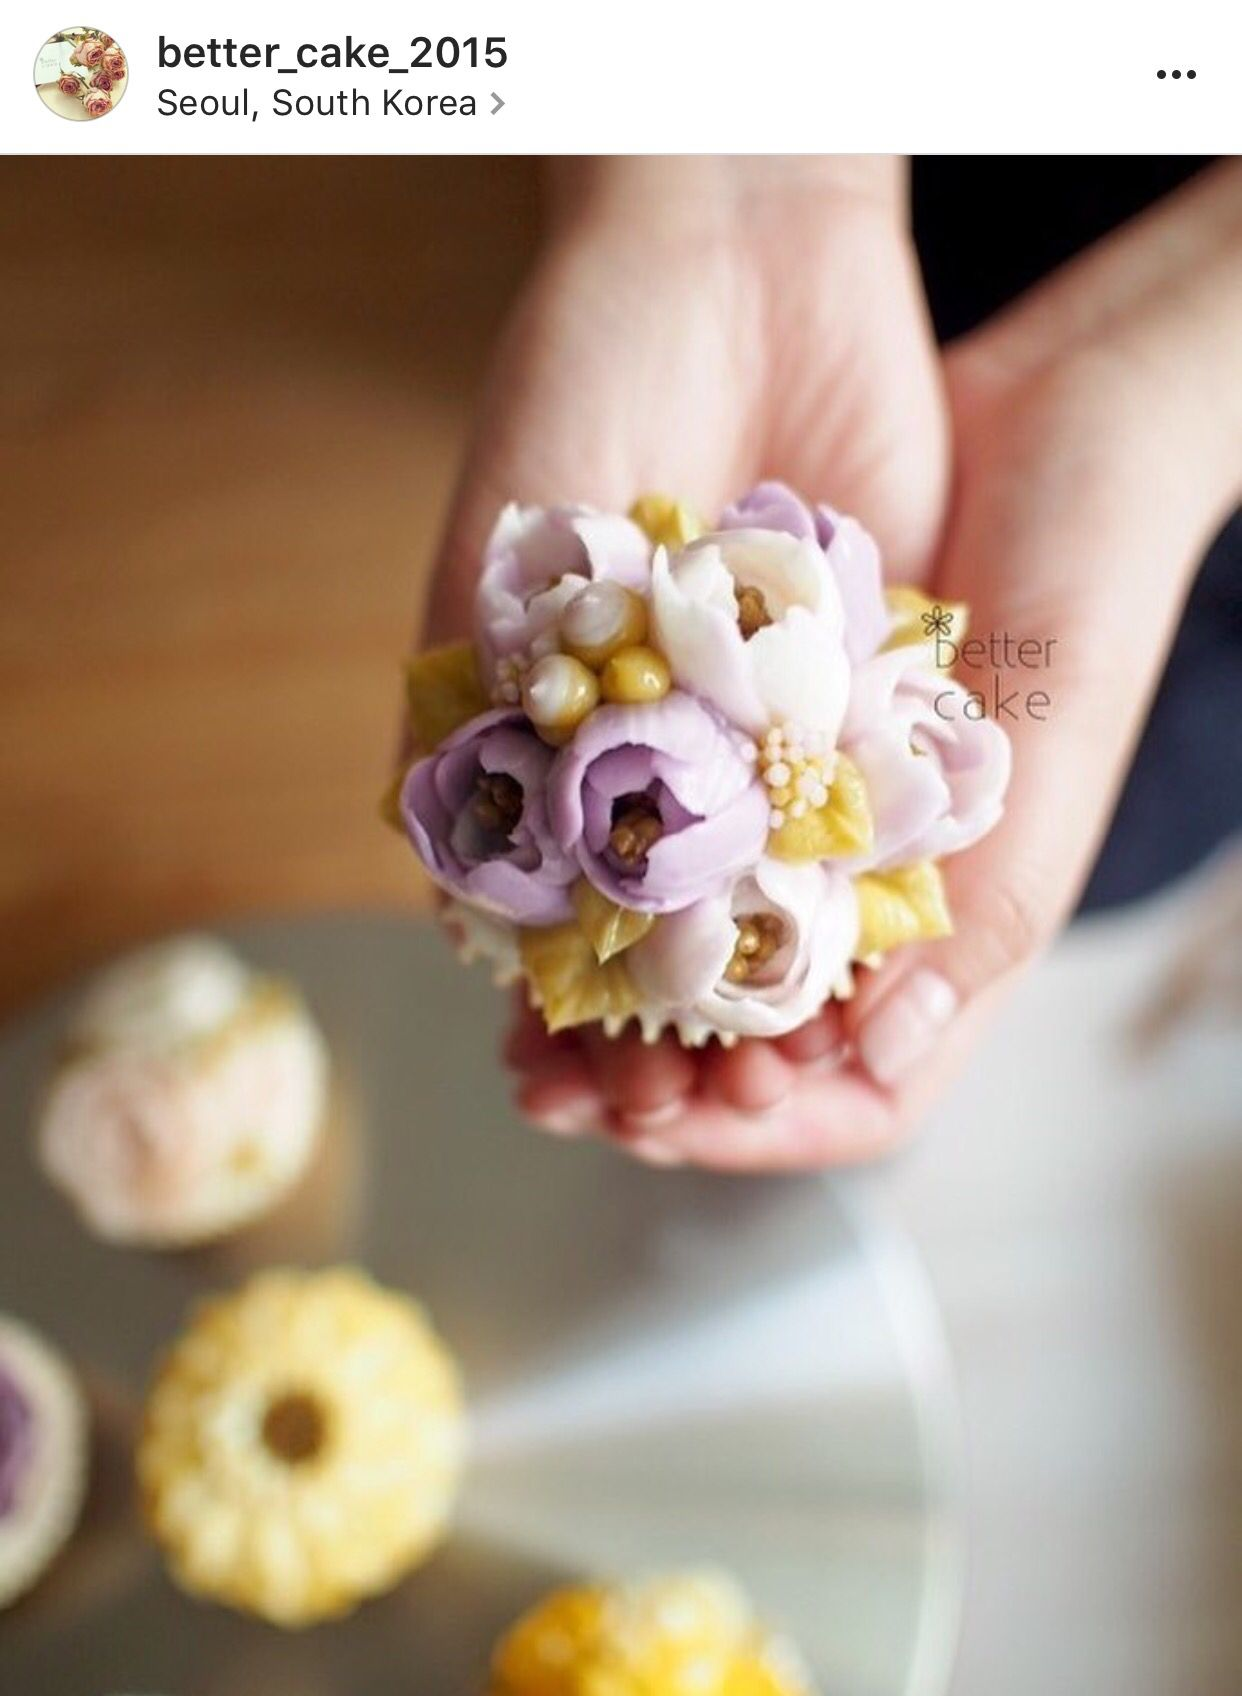 Korean 3D flower buttercream cake. Buttercream cake